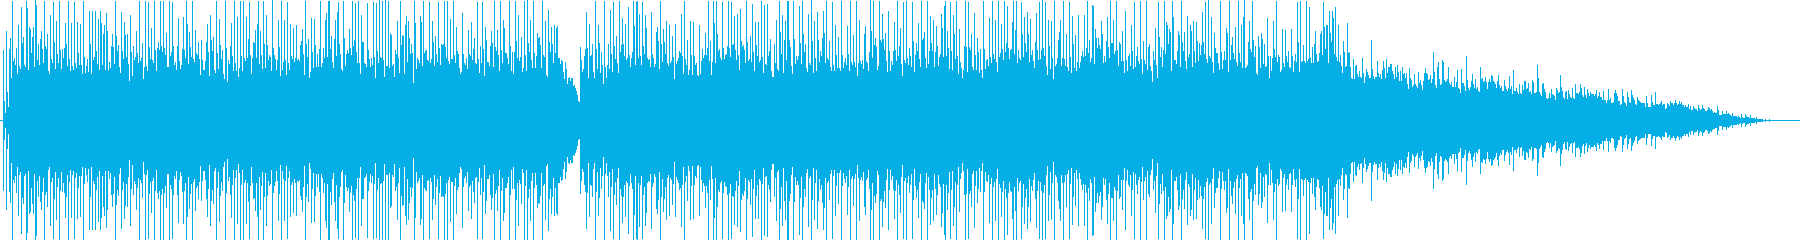 爽やかなアコギの音が印象的なポップスの再生済みの波形